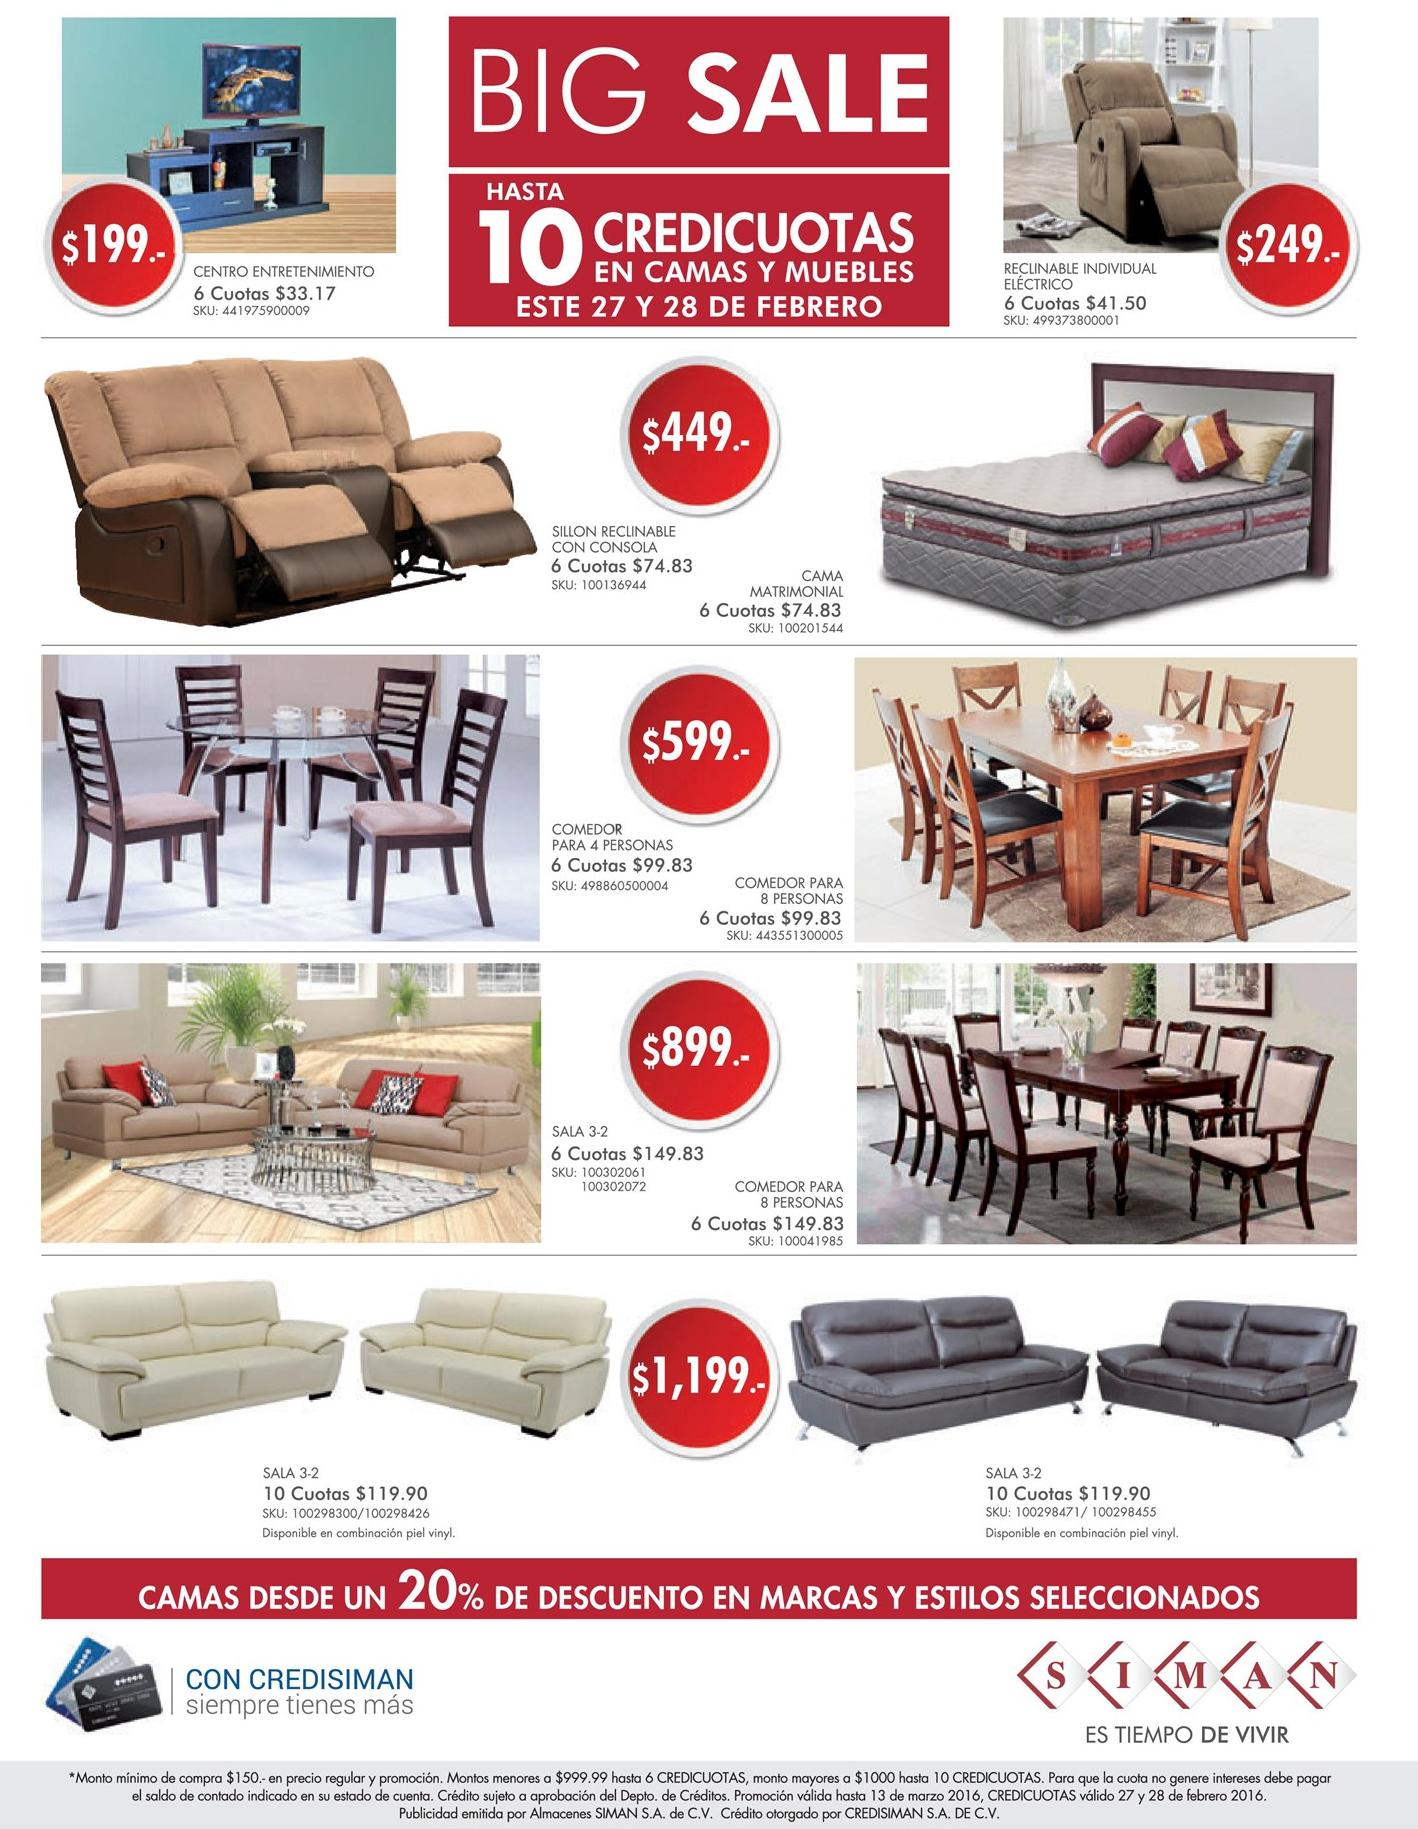 Big sales de muebles salas comedores en siman febrero 2016 for Comedores en oferta